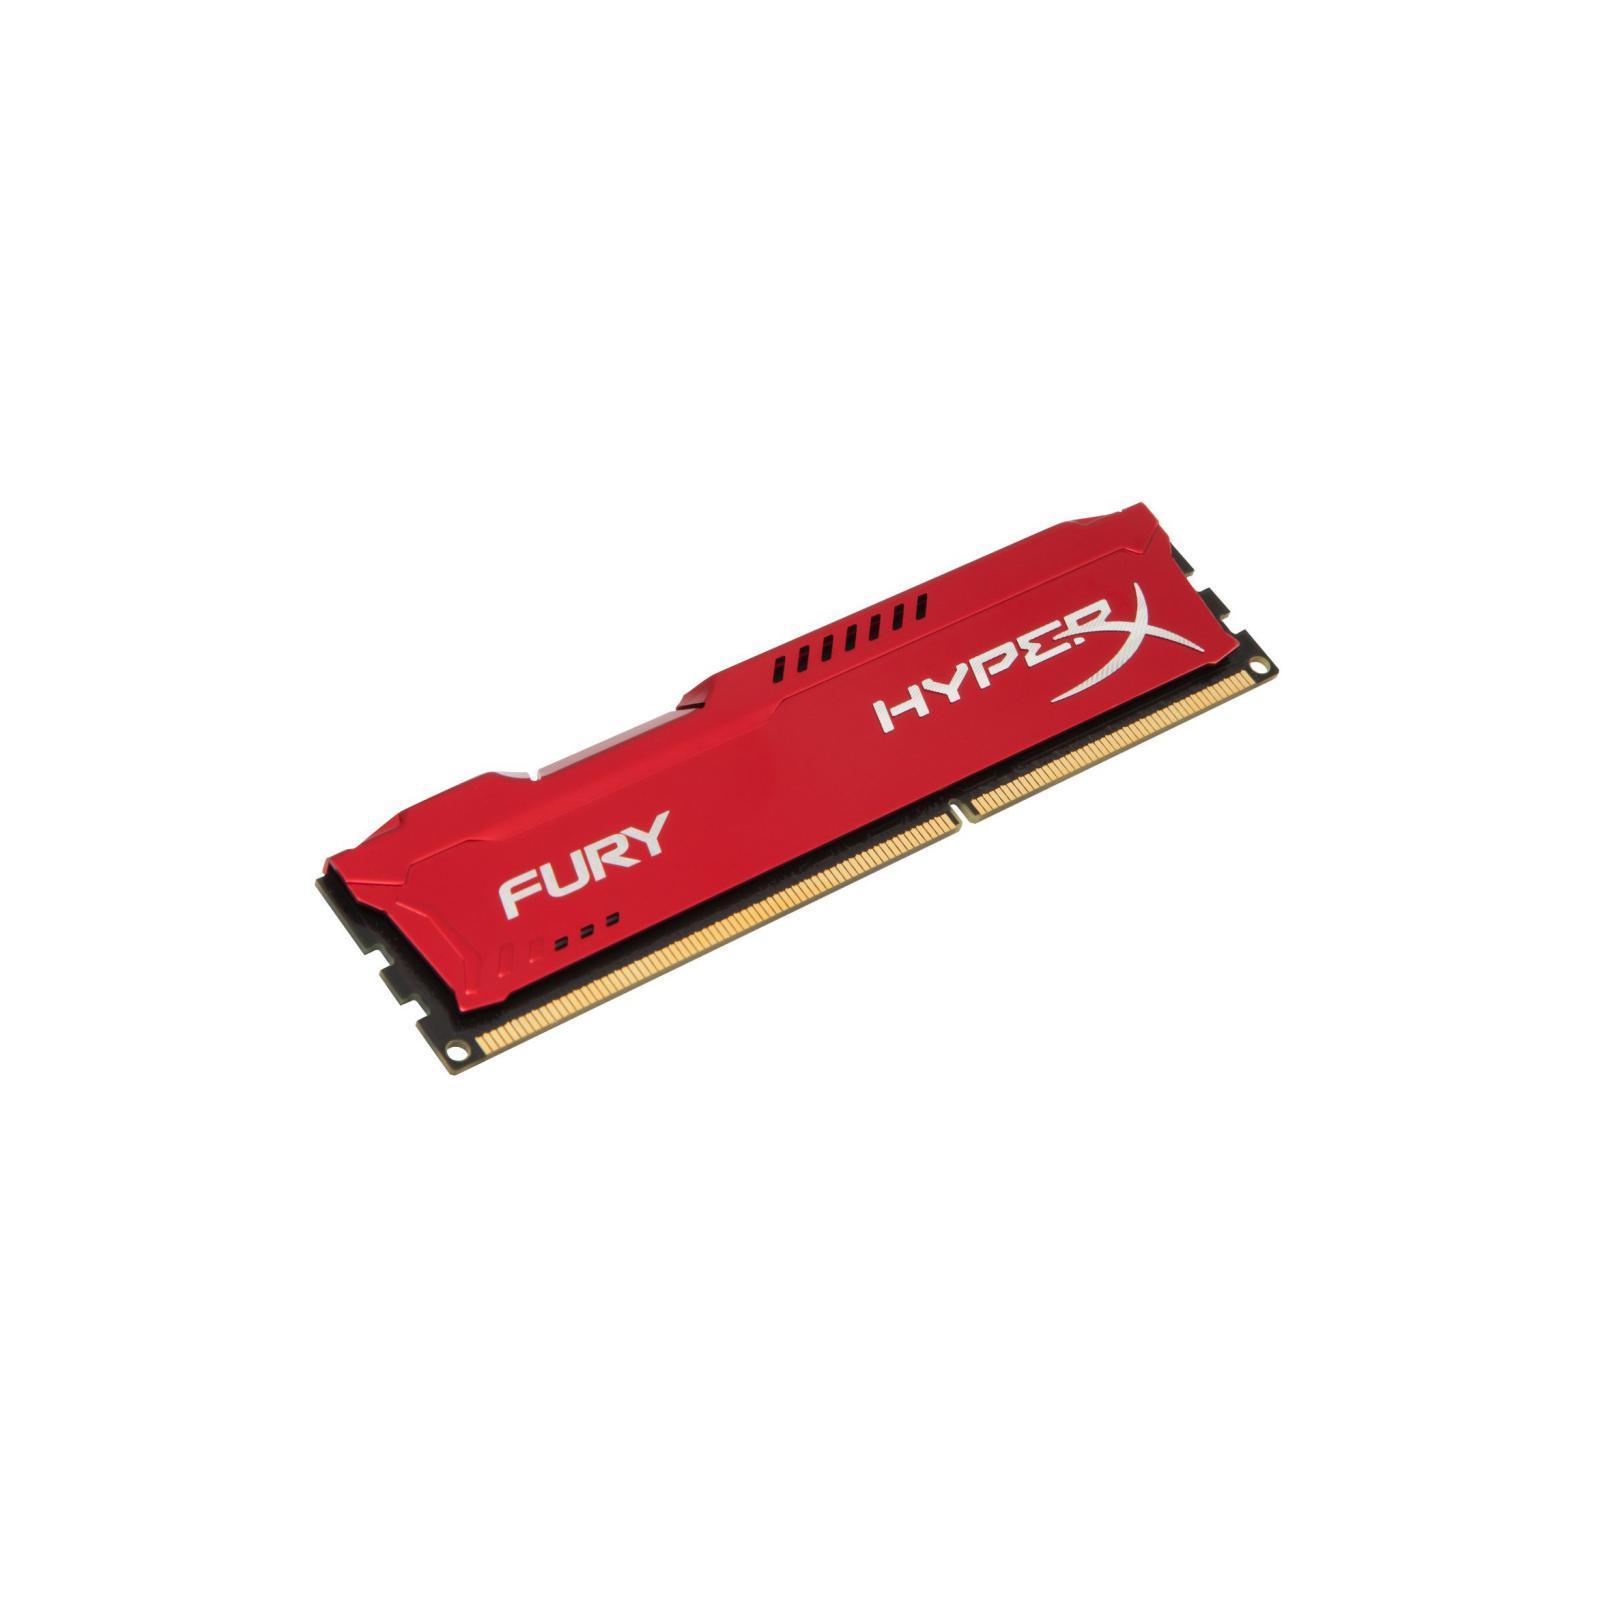 Модуль памяти для компьютера DDR4 8GB 3466 MHz HyperX FURY Red HyperX (Kingston Fury) (HX434C19FR2/8) изображение 2